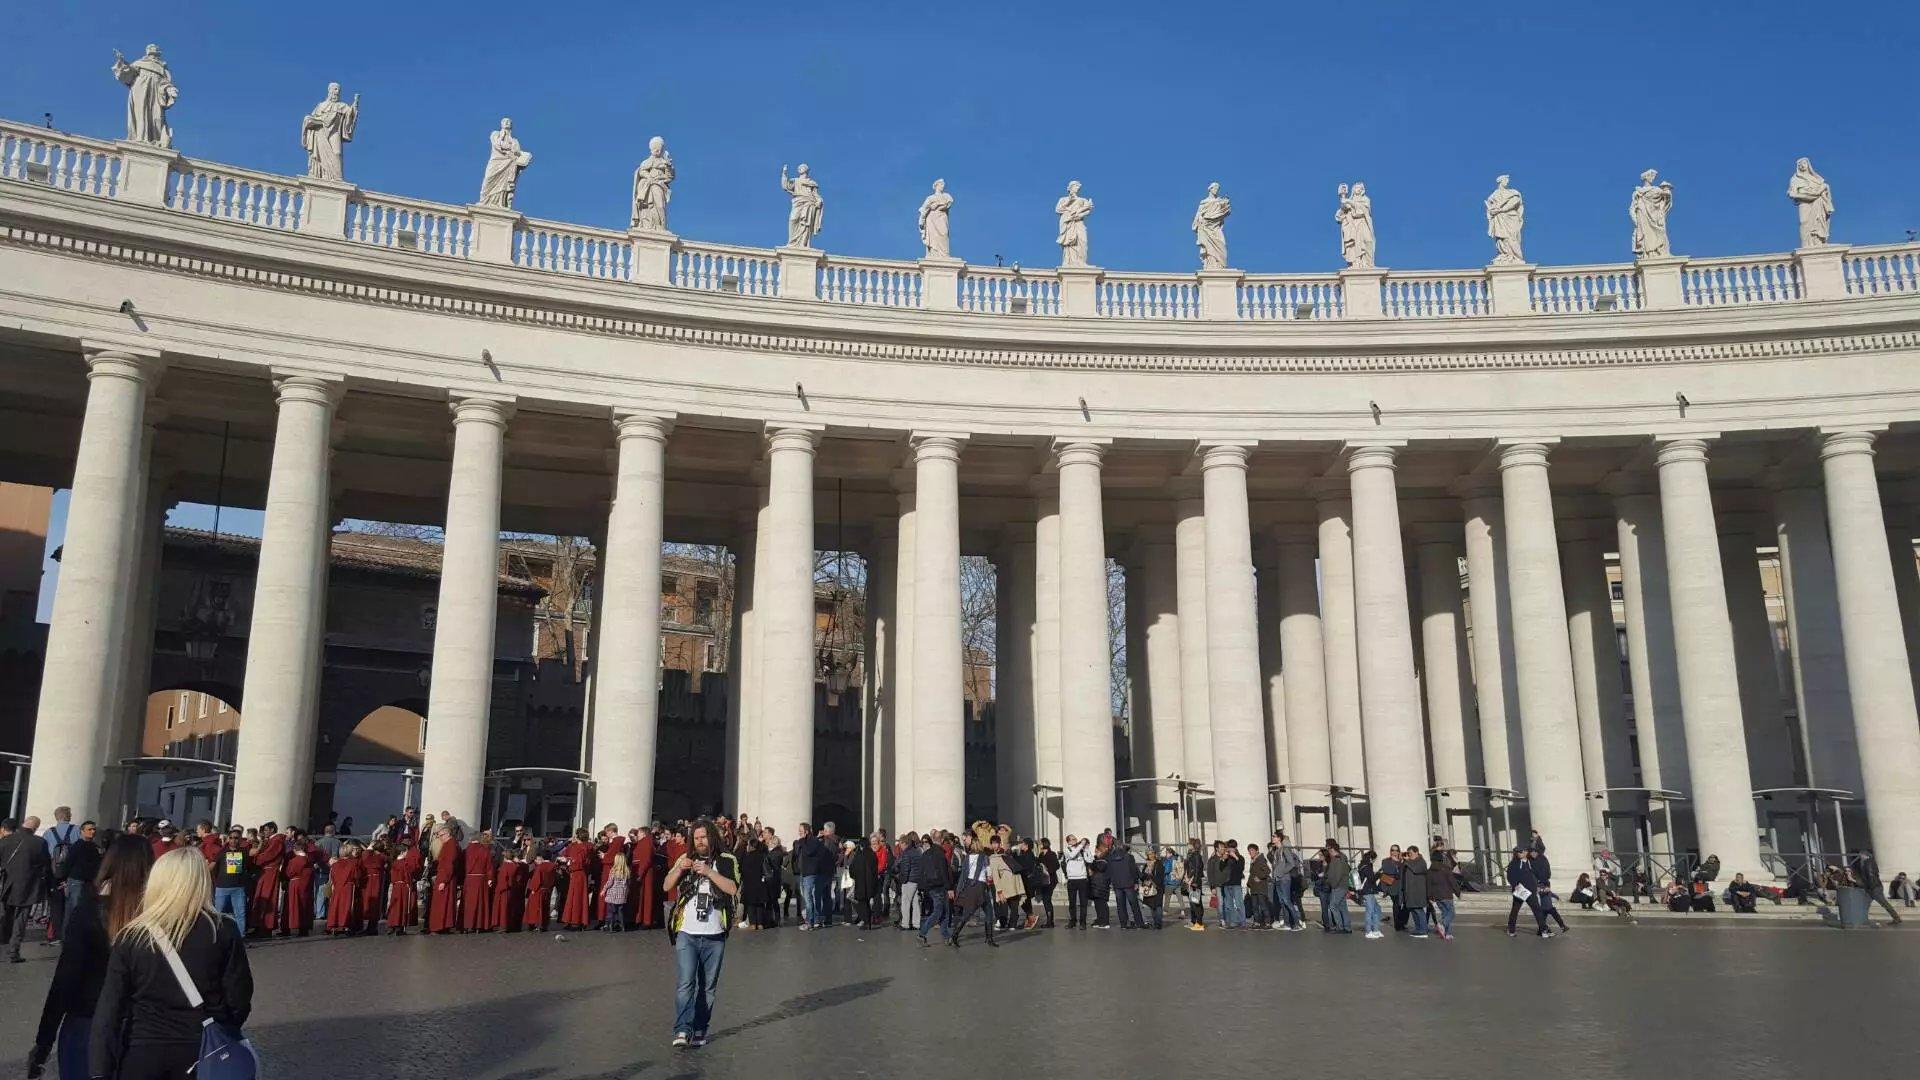 淄博出发到欧洲卢森堡、德国、奥地利、意大利、梵蒂冈、荷兰、比利时、法国11日旅游